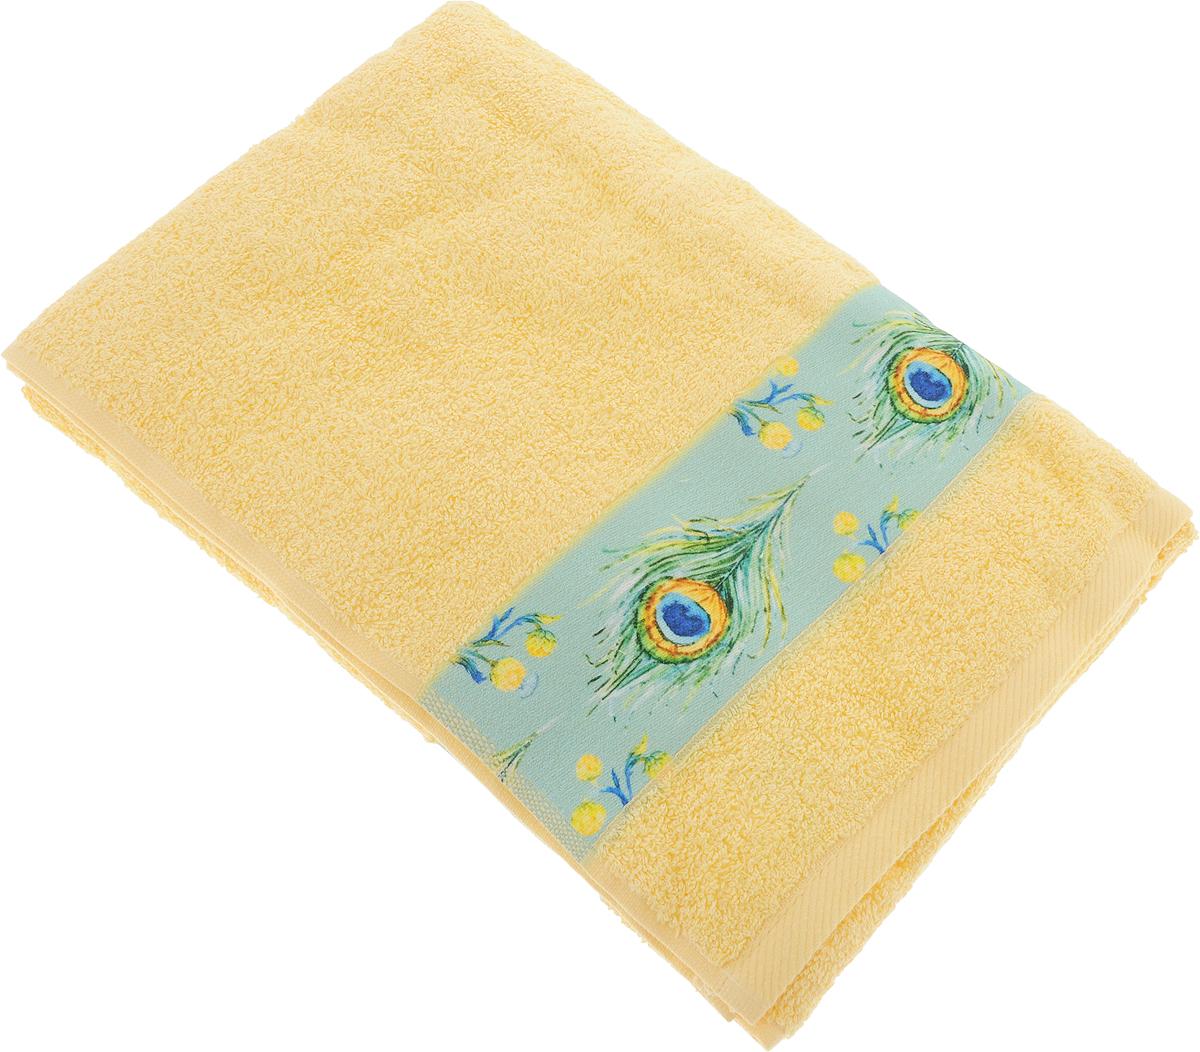 Полотенце банное Aquarelle Фотобордюр. Павлин 1, цвет: желтый, 70 х 140 см. 709821709821Полотенце банное AQUARELLE, размер 70х140см, серия-Фотобордюр павлин 1, желтый